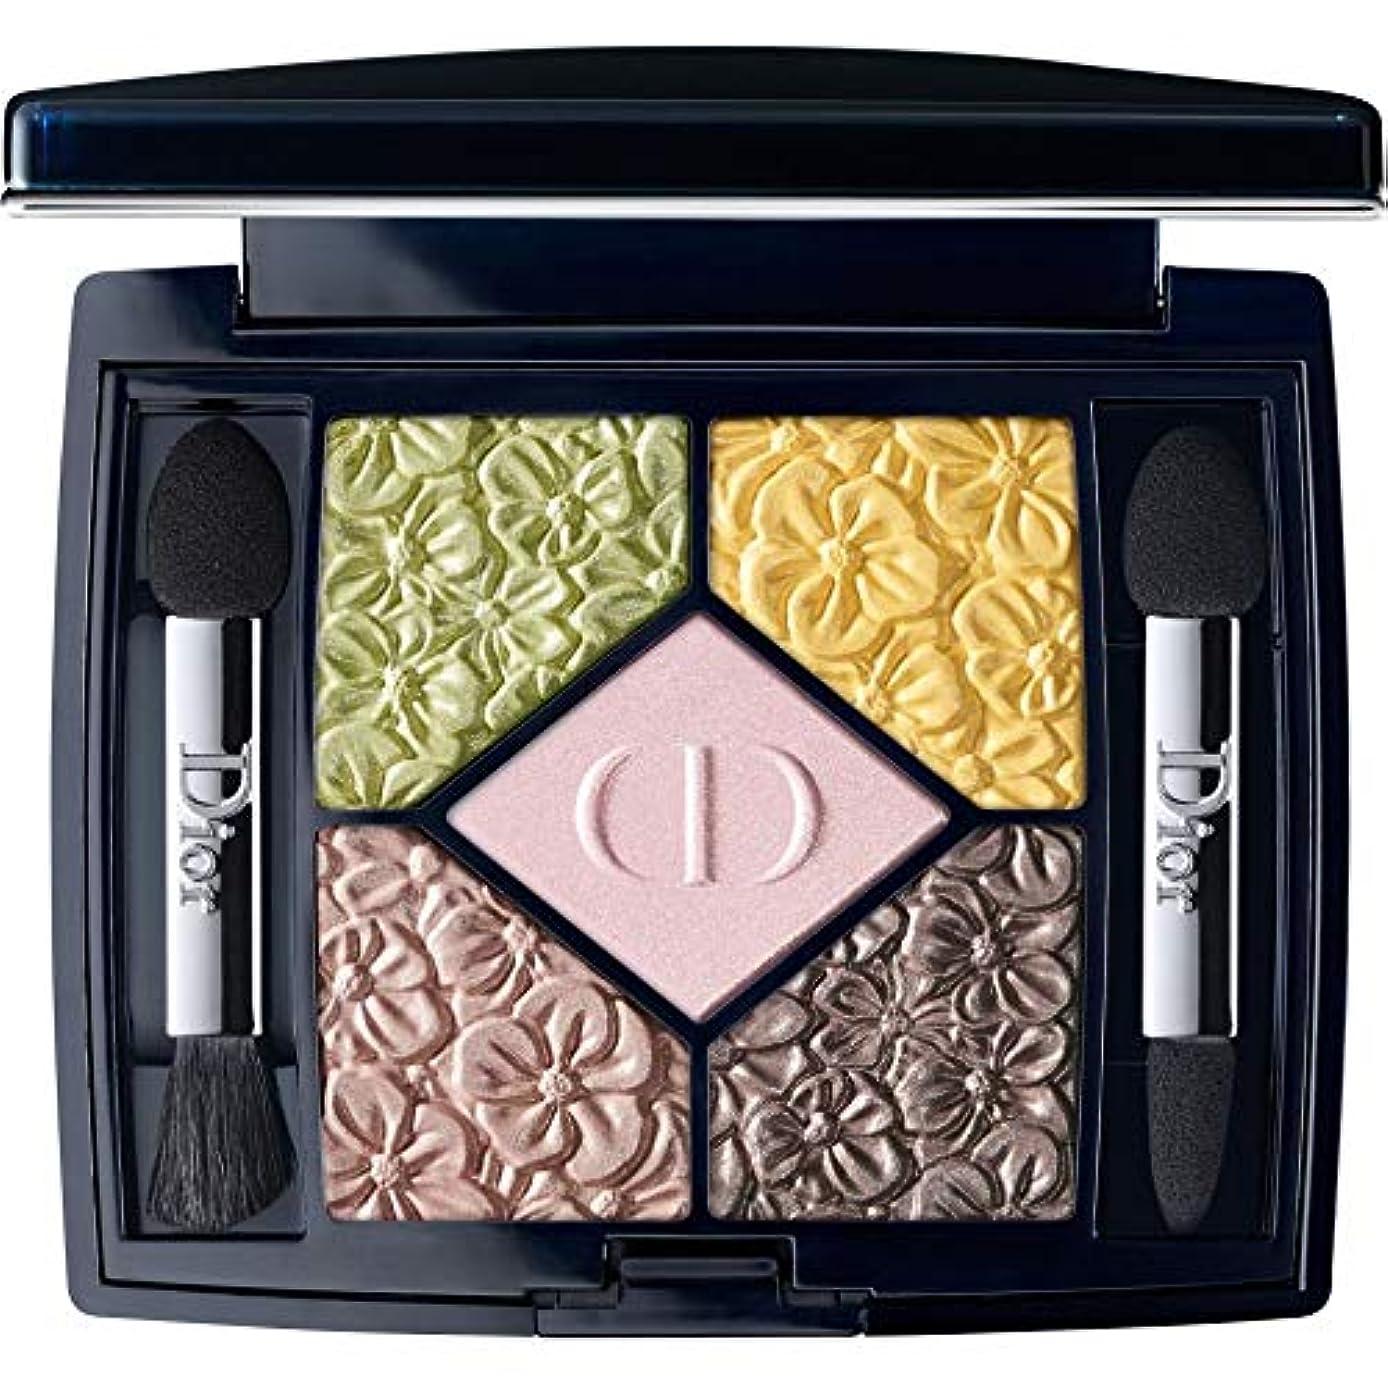 きゅうり活気づけるナース[Dior ] ディオールの庭園版クチュールカラー&エフェクトアイシャドウパレット4.5グラム451を輝く5 Couleursは - バラ園 - DIOR 5 Couleurs Glowing Gardens Edition...